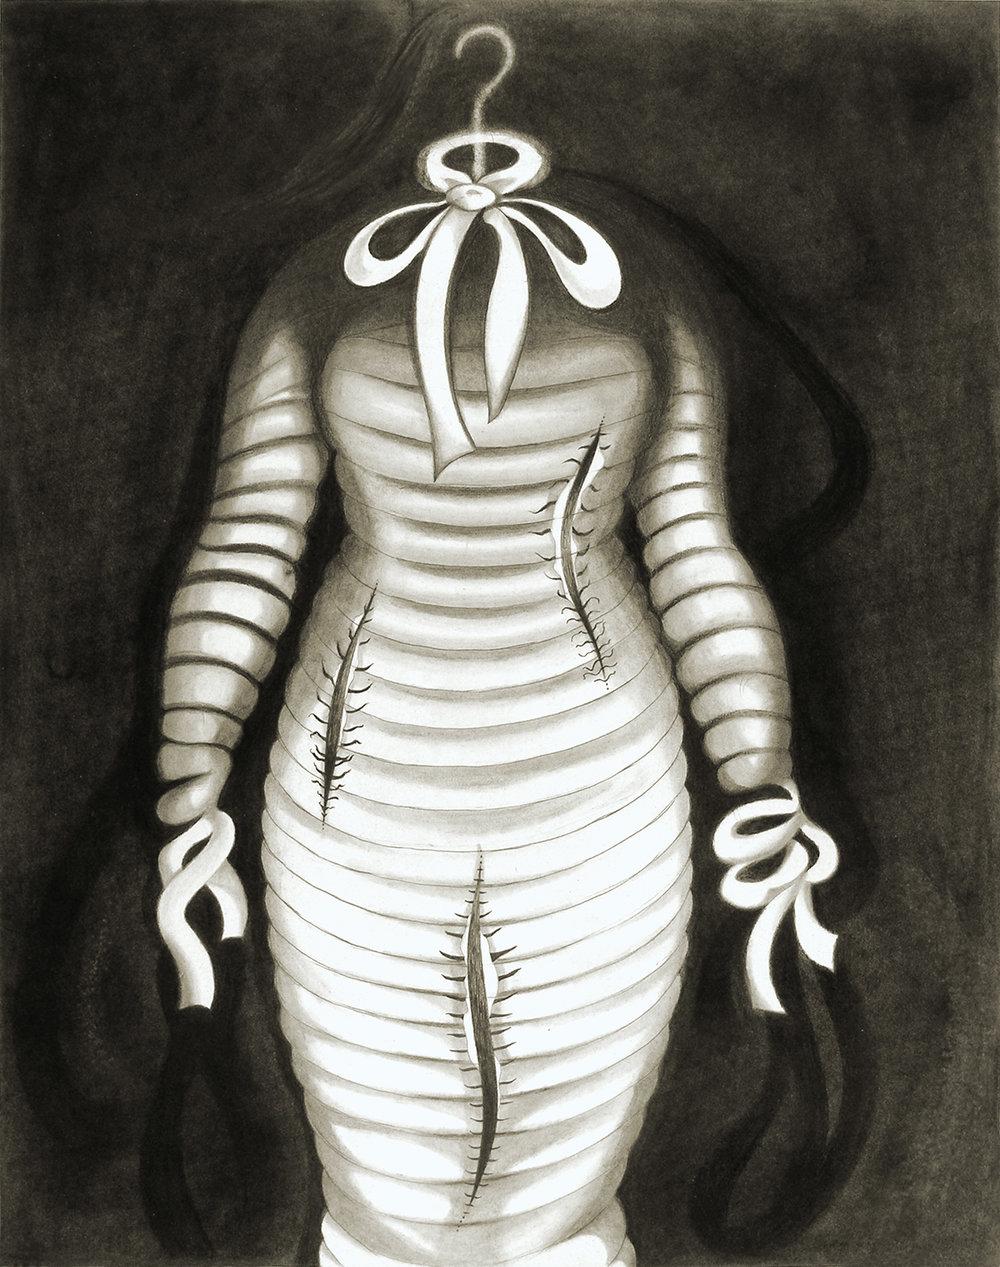 Mummified_cropp.jpg